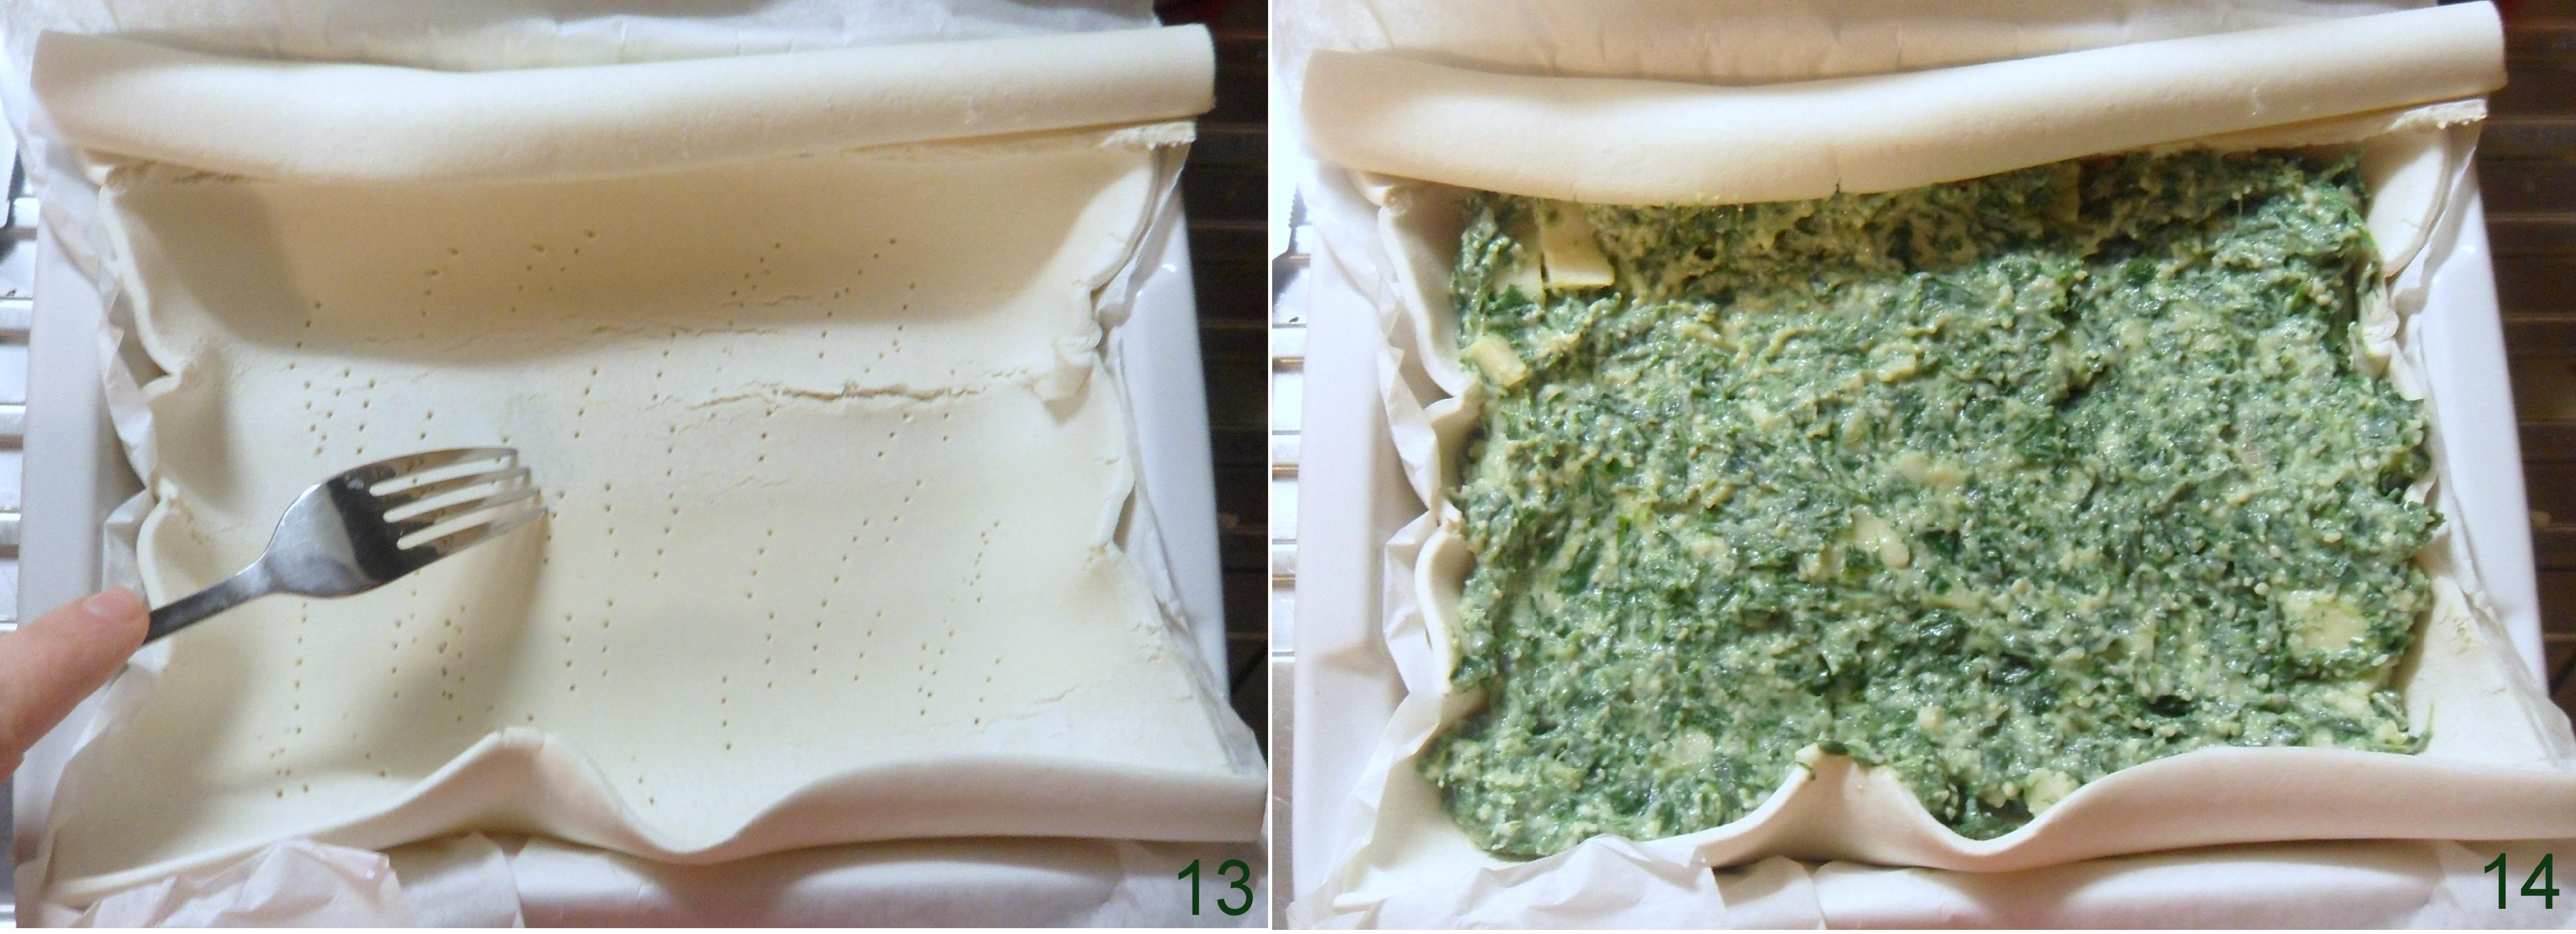 Torta salata con ricotta e spinaci ricetta classica il chicco di mais 5